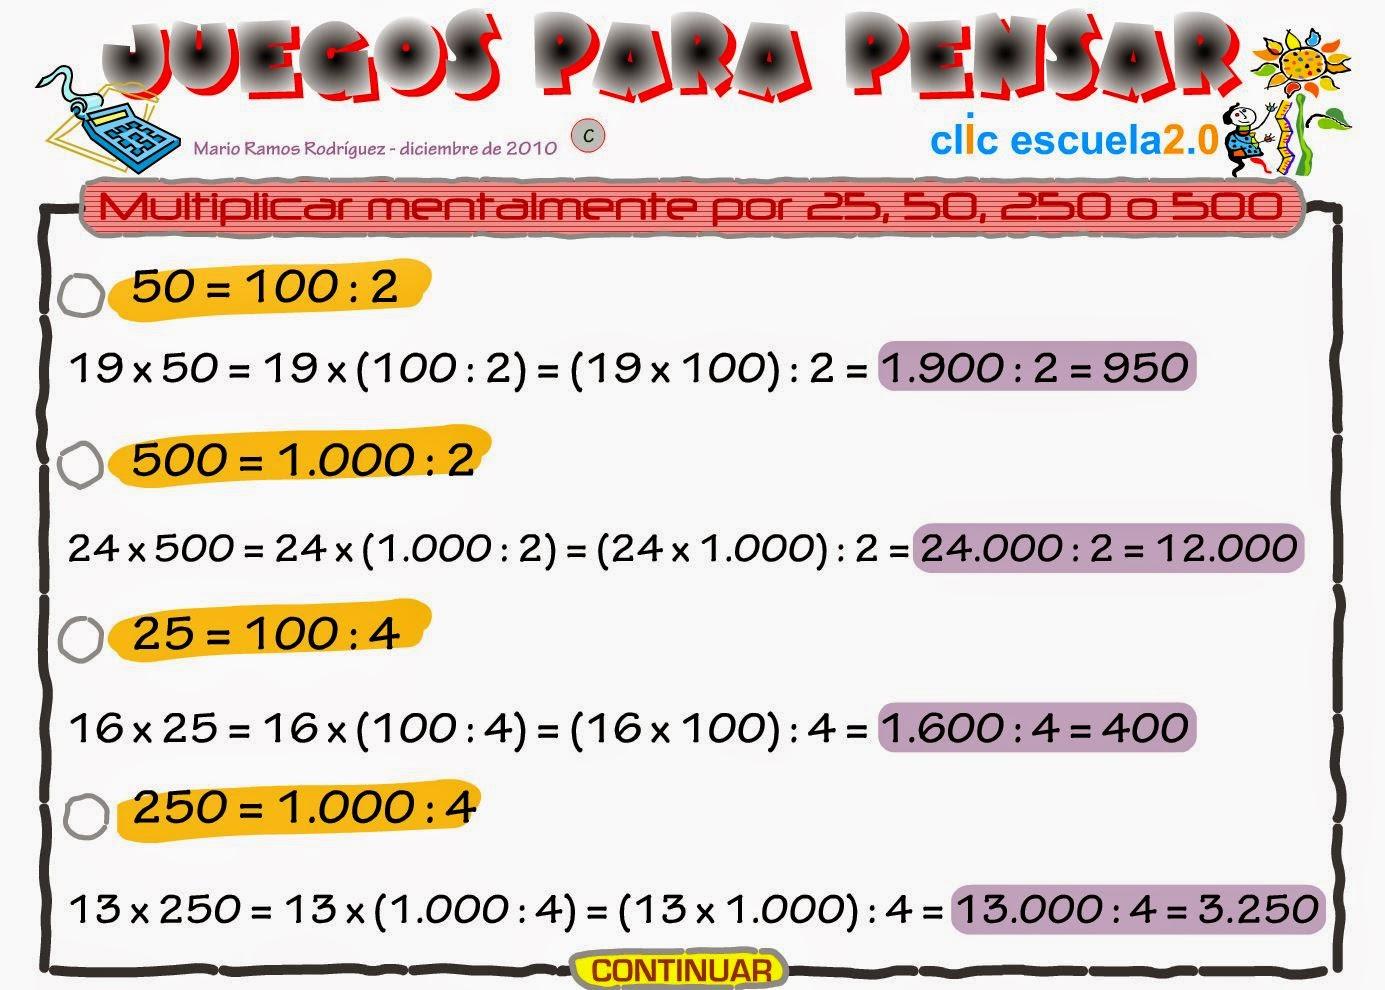 http://www2.gobiernodecanarias.org/educacion/17/WebC/eltanque/juegosparapensar2/juegosparapensar_2_p.html